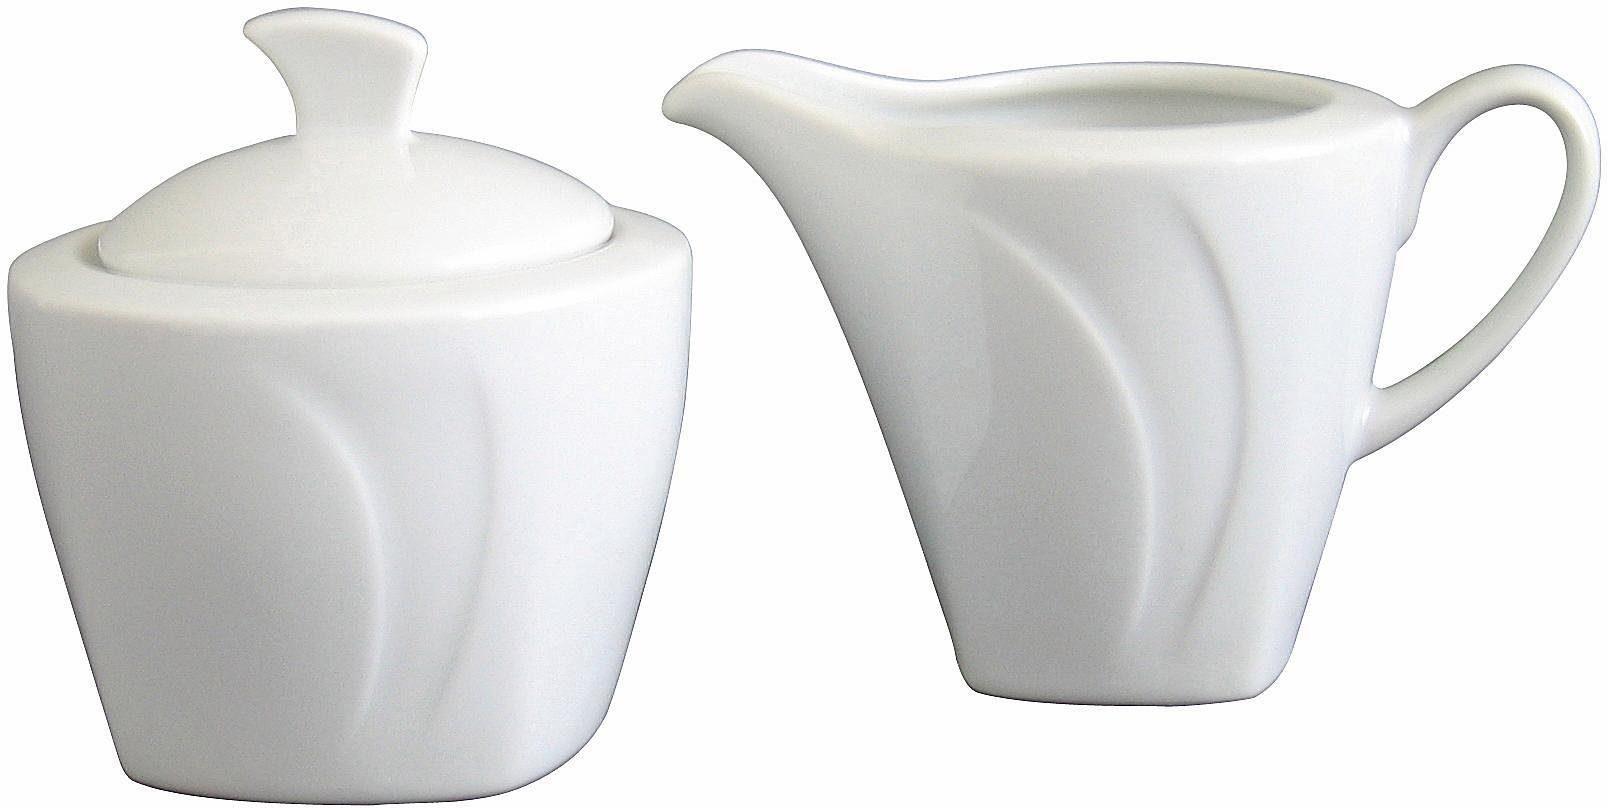 Milch-/Zucker-Set, 2-teilig, »Celebration«, in weiß